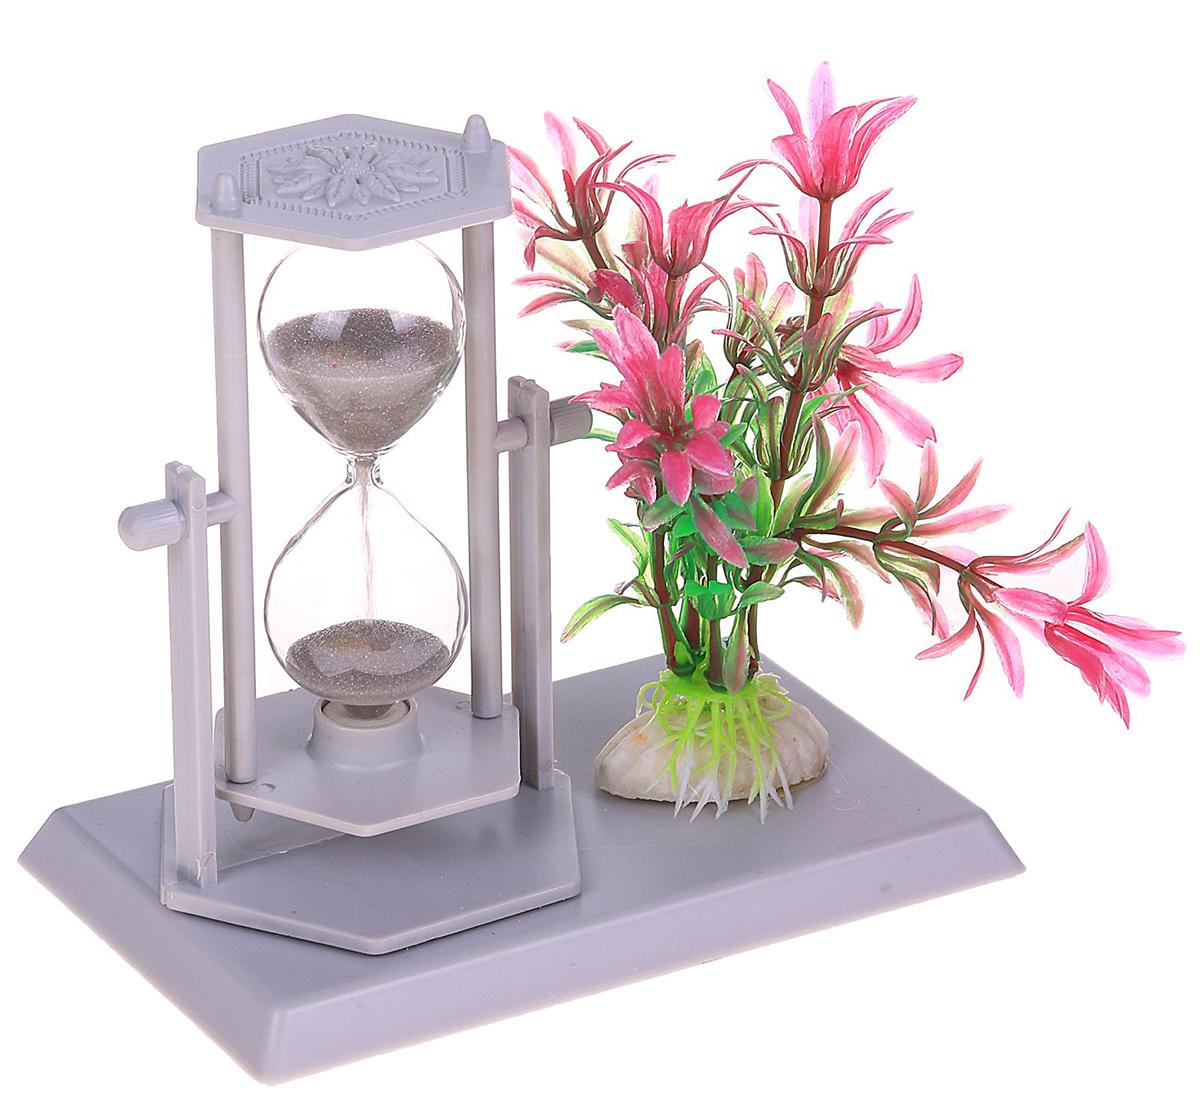 Песочные часы Цветы , цвет: серый, 14 х 13 х 9 см2355527Каждому хозяину периодически приходит мысль обновить свою квартиру, сделать ремонт, перестановку или кардинально поменять внешний вид каждой комнаты. — привлекательная деталь, которая поможет воплотить вашу интерьерную идею, создать неповторимую атмосферу в вашем доме. Окружите себя приятными мелочами, пусть они радуют глаз и дарят гармонию.Часы песочные, серия Цветы, серые, 14*13*9см 2355527